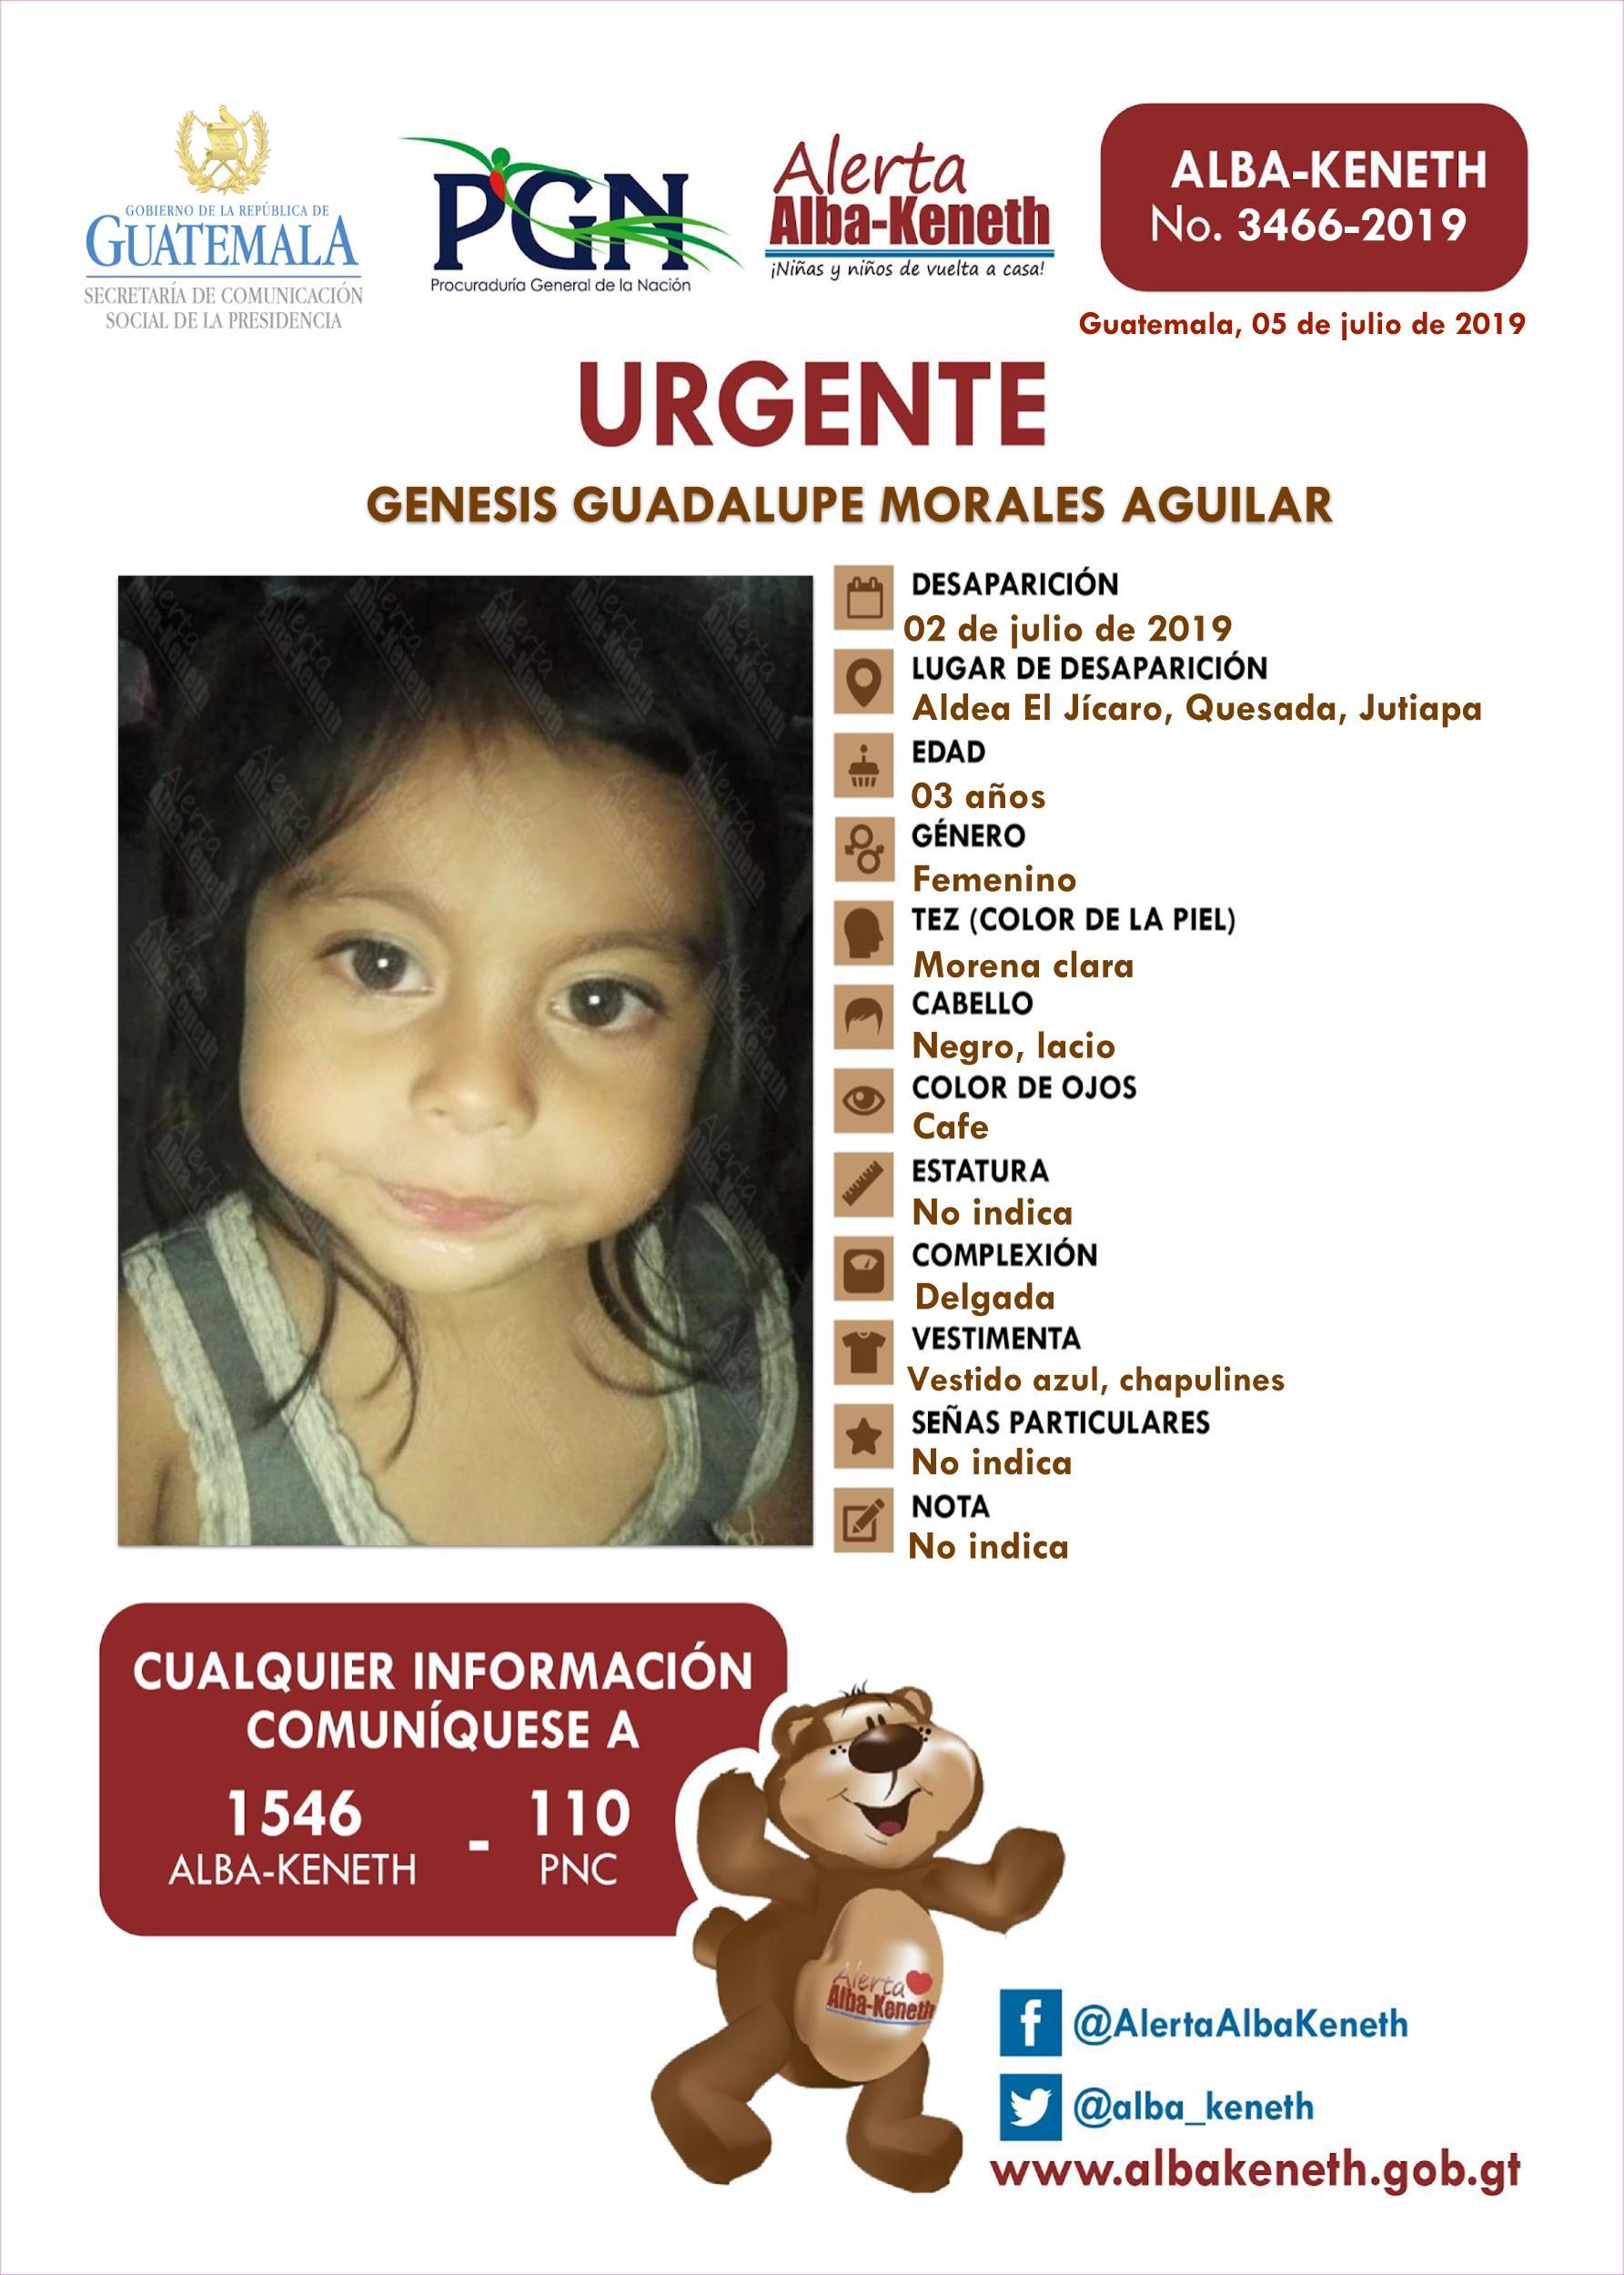 Genesis Guadalupe Morales Aguilar